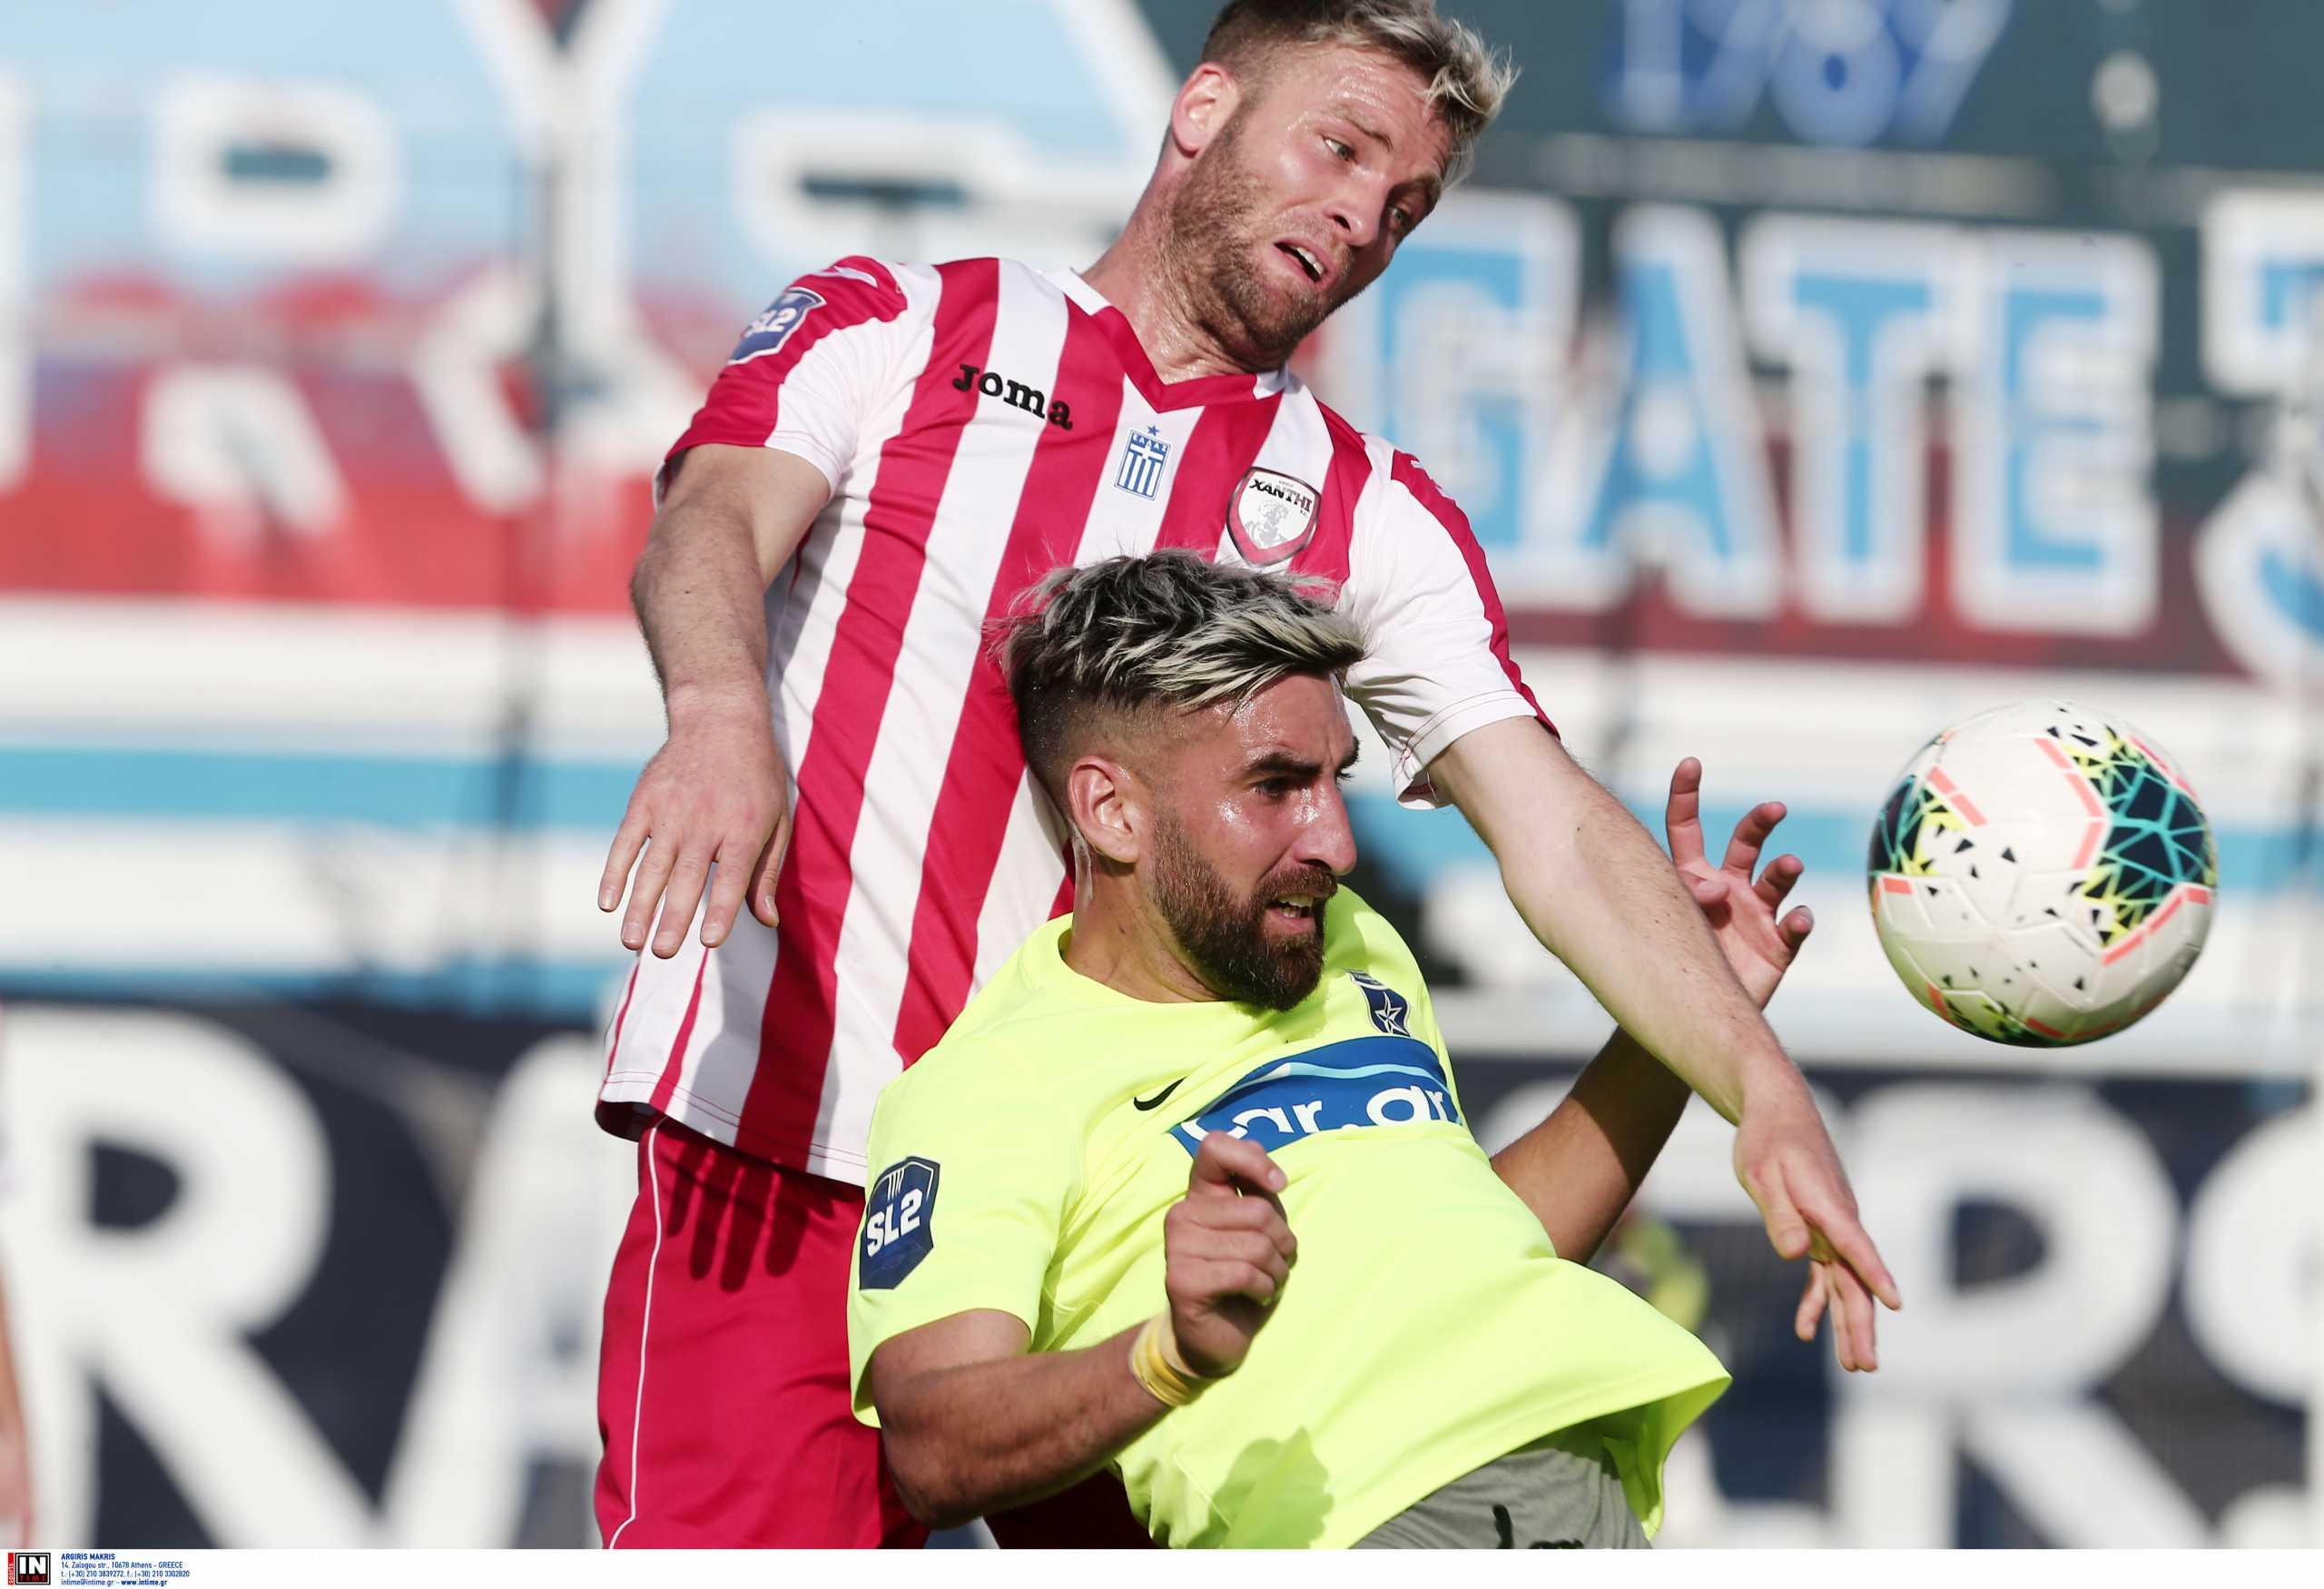 Ιωνικός – Ξάνθη: «Μάχη» δημάρχων πριν το ντέρμπι ανόδου στη Superleague 2